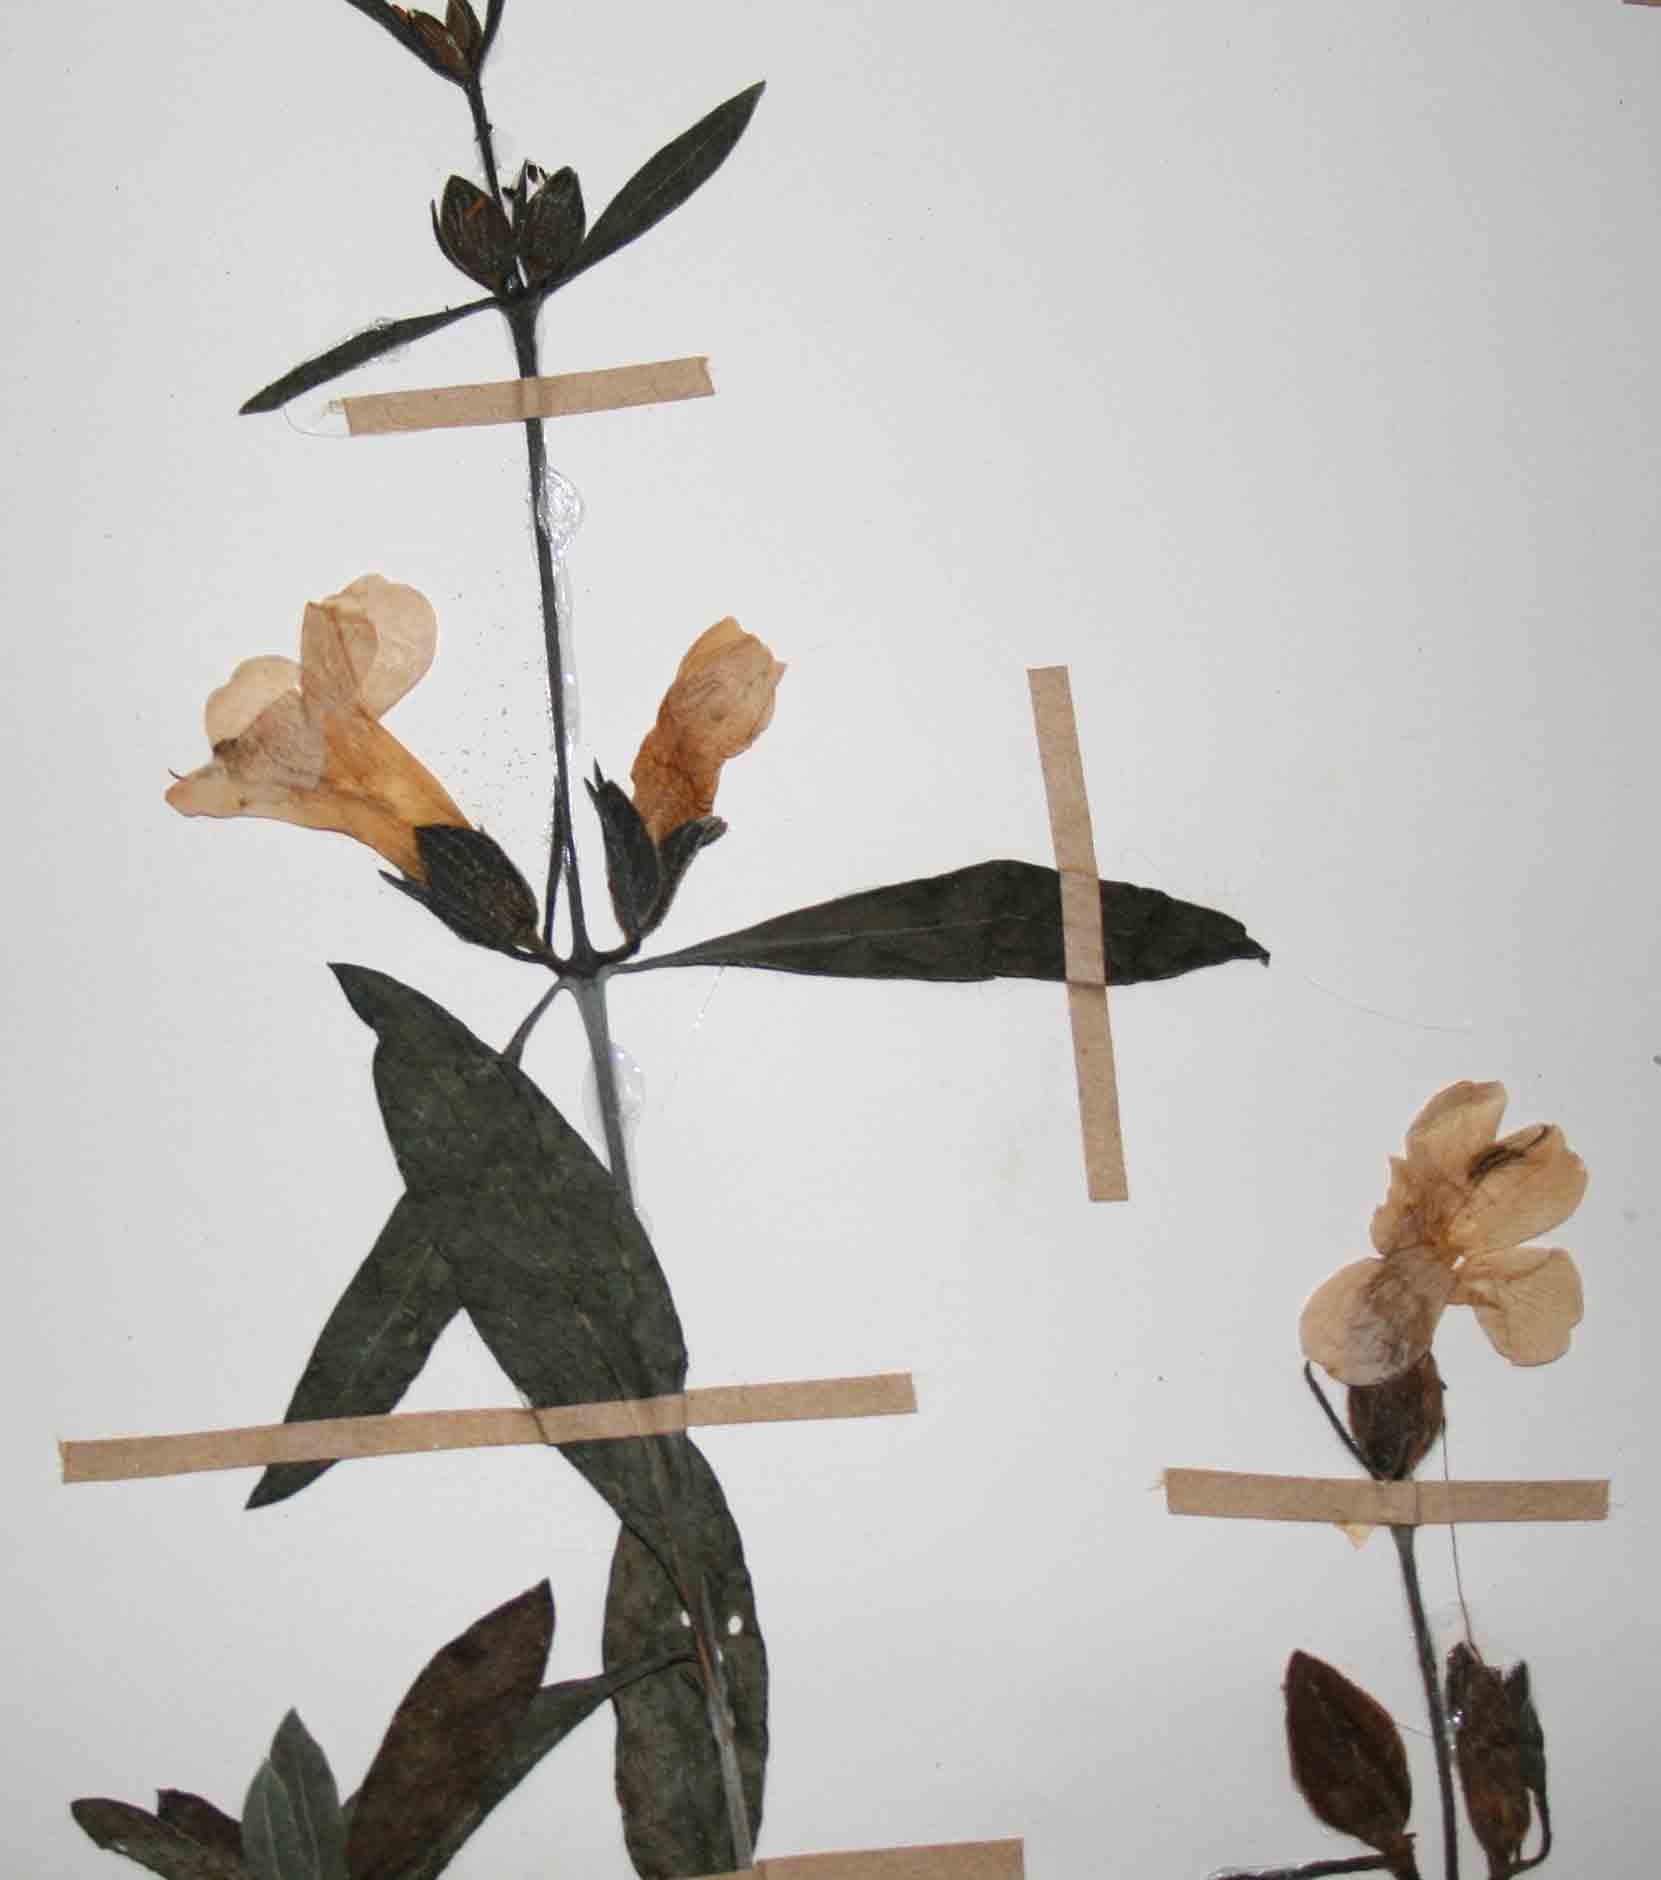 Barleria lancifolia